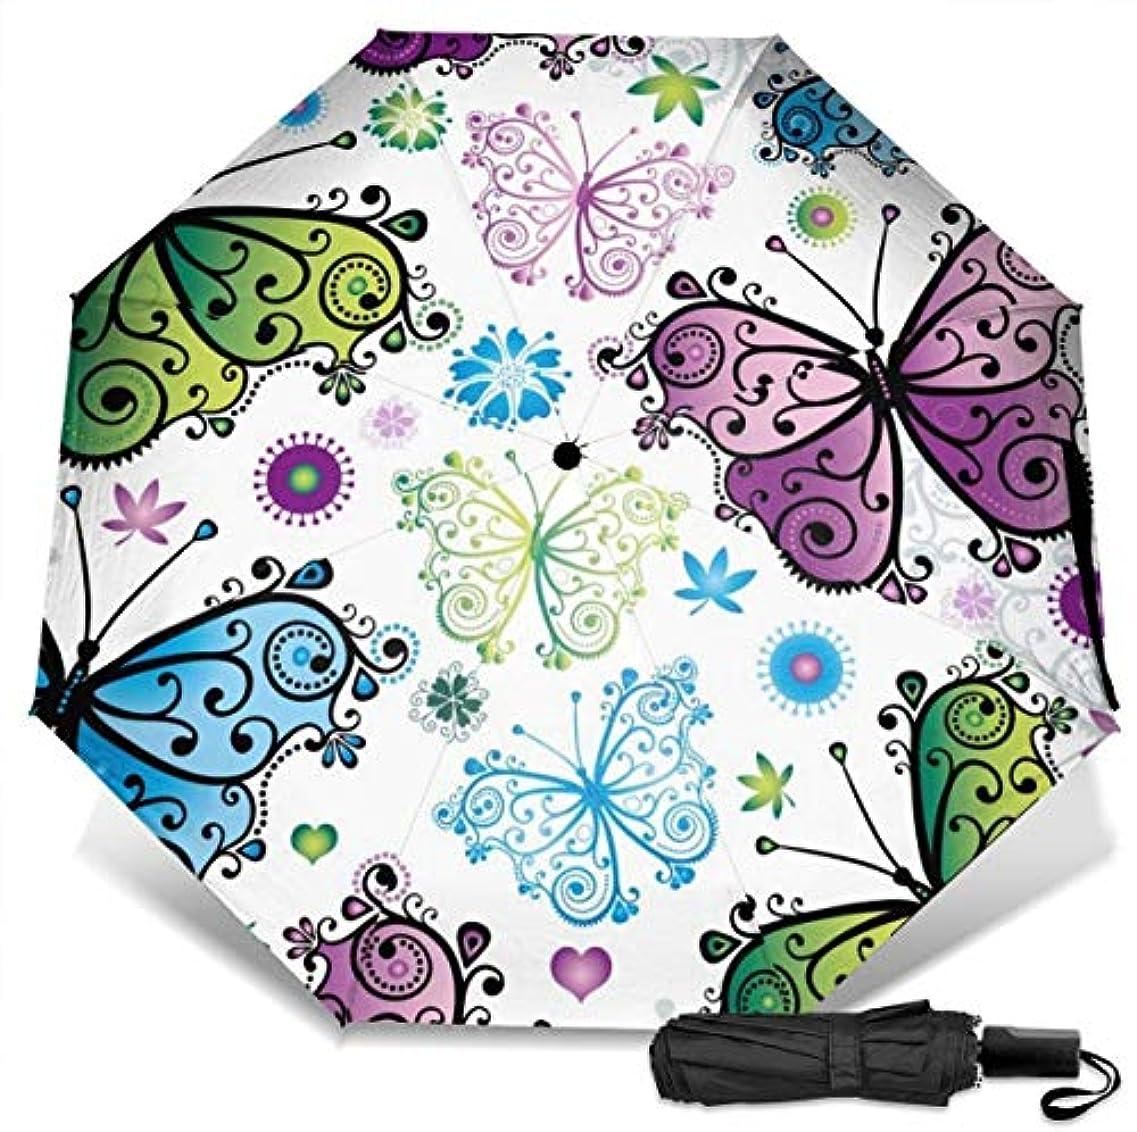 クリア迅速彼女自身美しい空飛ぶ蝶折りたたみ傘 軽量 手動三つ折り傘 日傘 耐風撥水 晴雨兼用 遮光遮熱 紫外線対策 携帯用かさ 出張旅行通勤 女性と男性用 (黒ゴム)